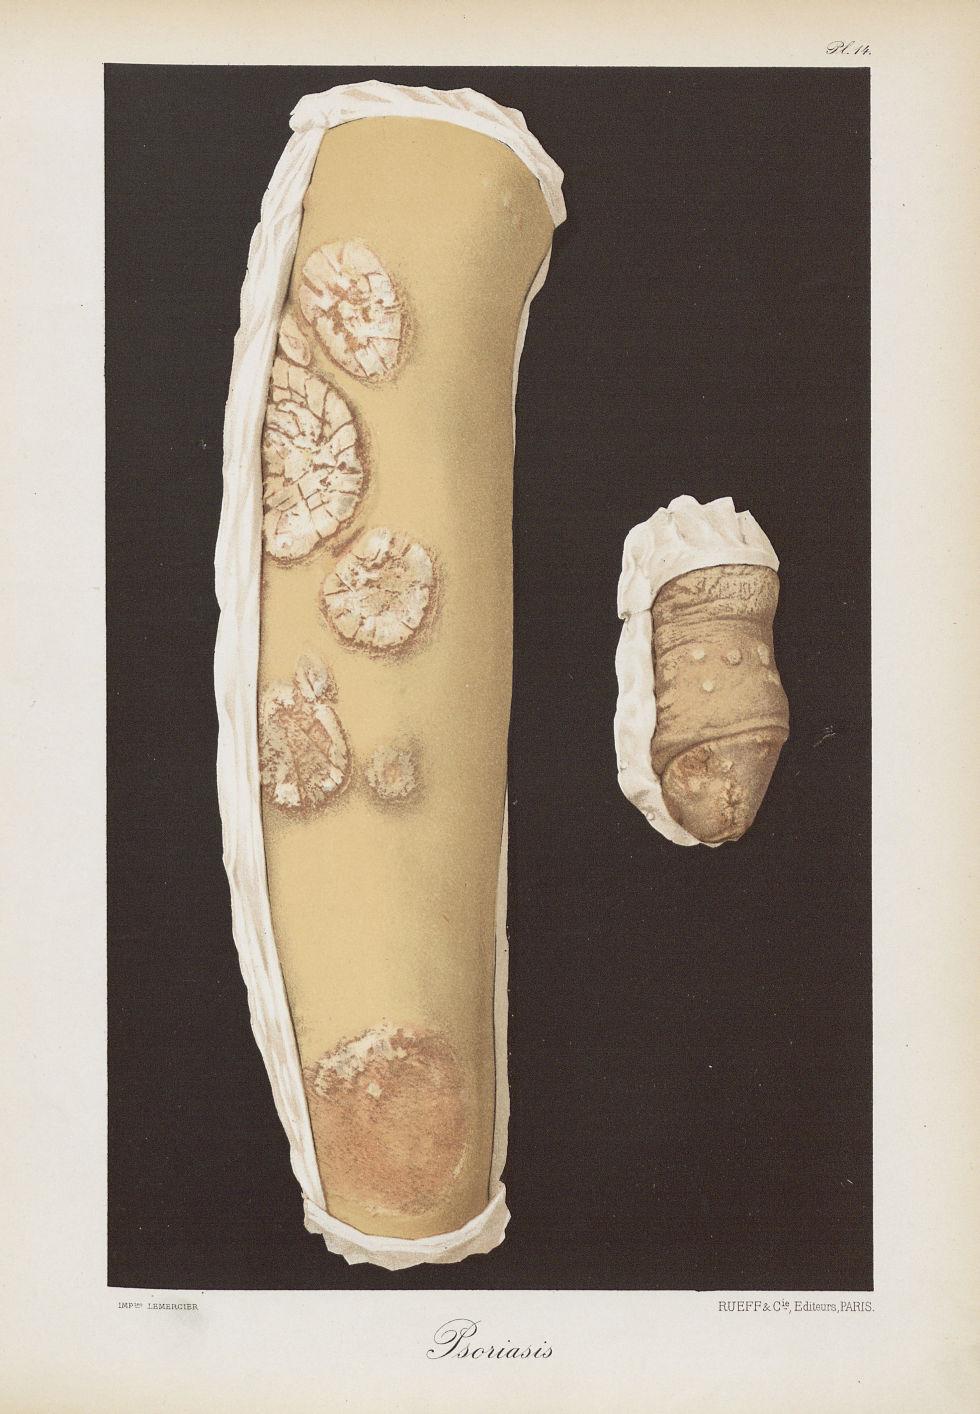 Psoriasis - Le musée de l'hôpital Saint-Louis : iconographie des maladies cutanées et syphilitiques  [...] - Dermatologie (peau). Membre supérieur. Bras, coudes. Organes génitaux mâles. Pénis. 19e siècle (France) - med01740x0126